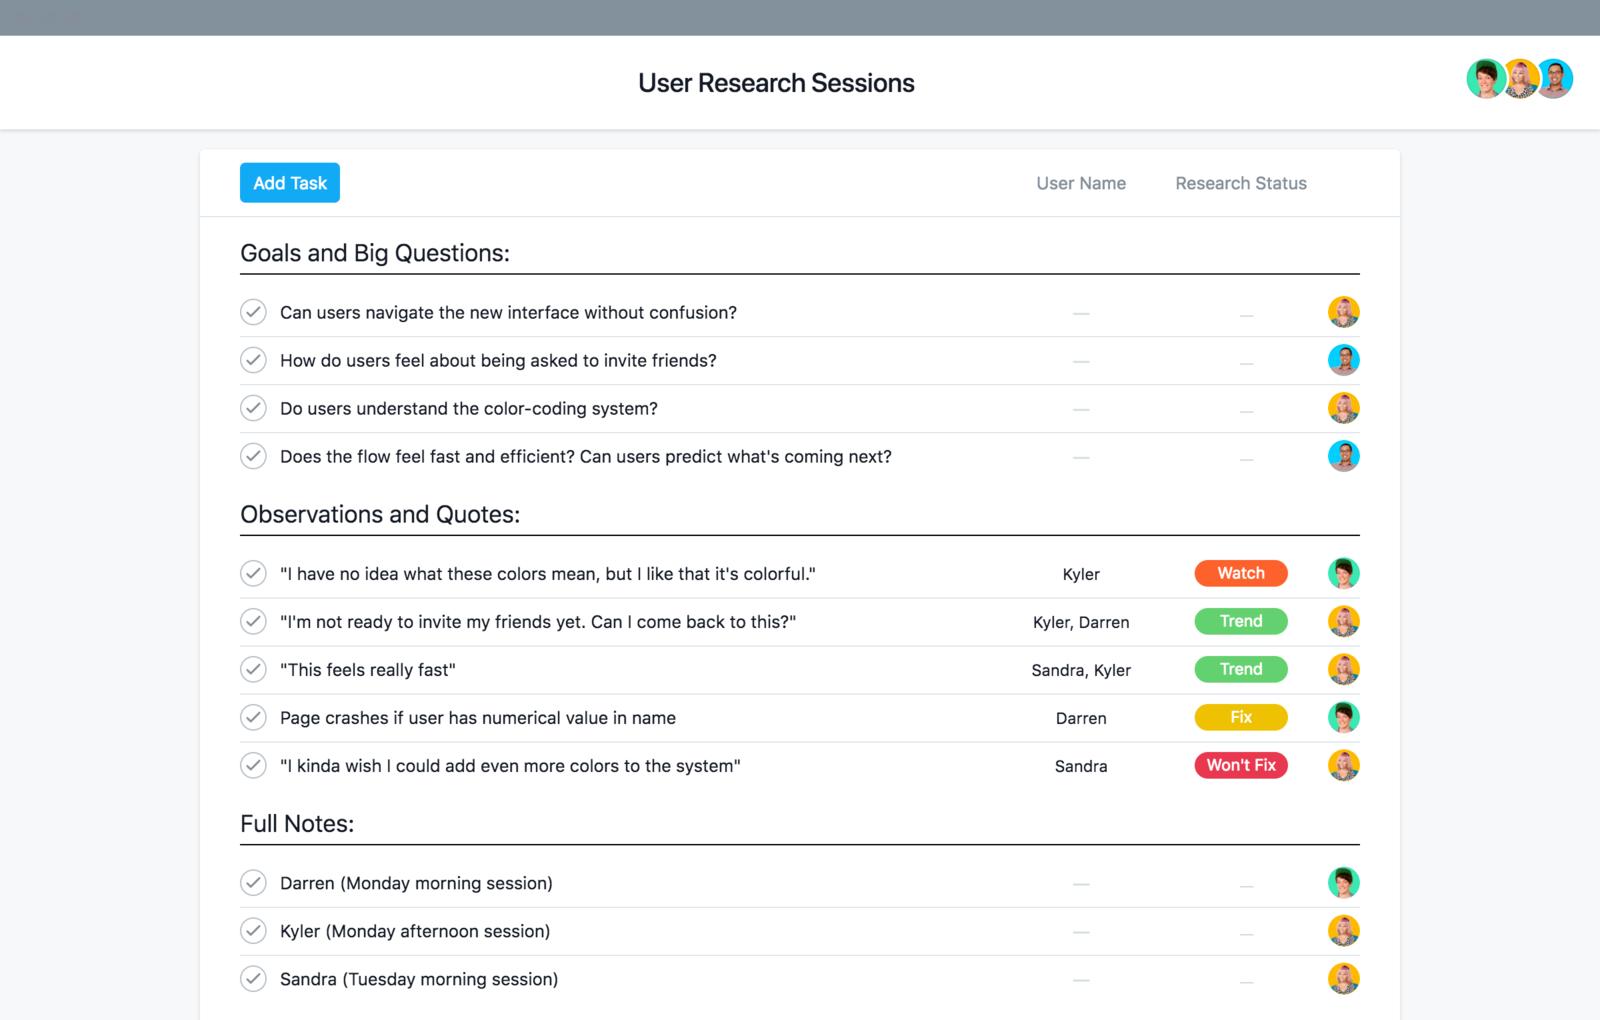 Modèle de projet de recherche utilisateur